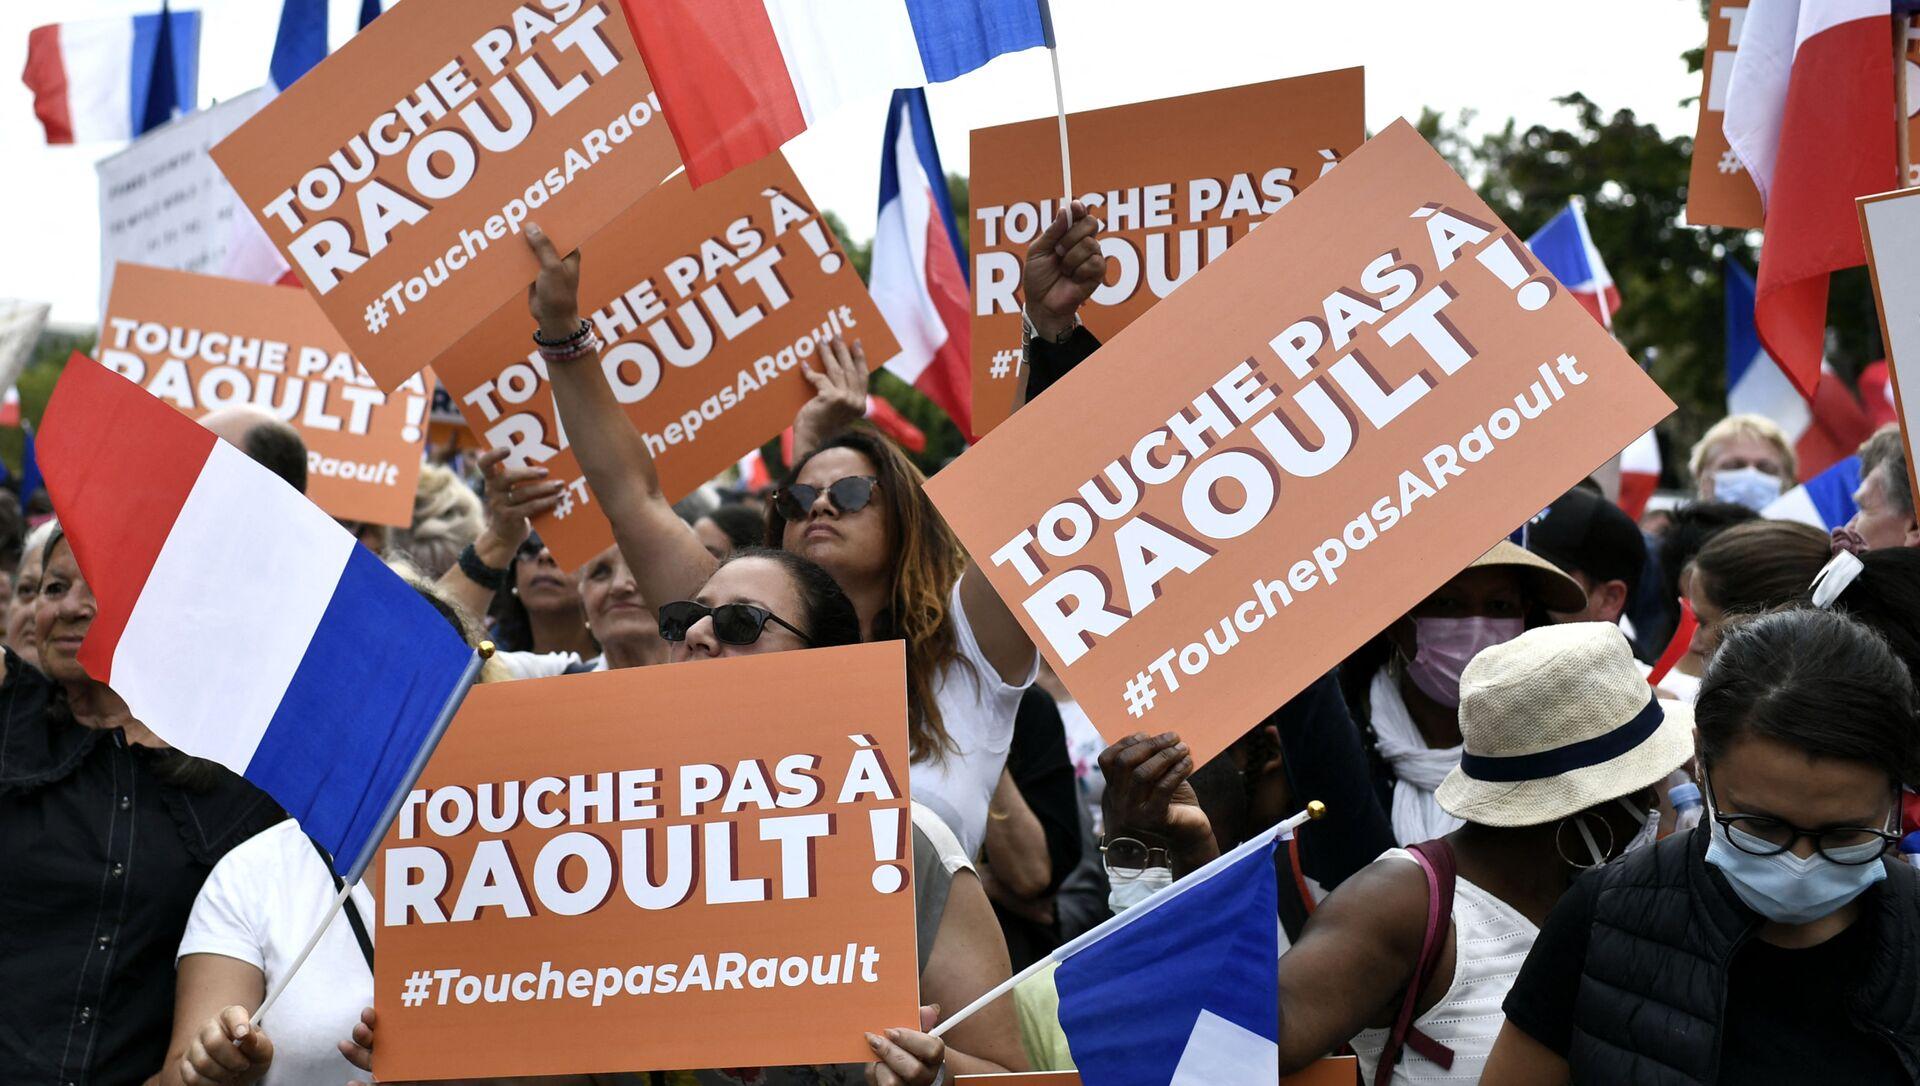 Manifestants à Paris brandissent des pancartes «Touche pas à Didier Raoult!» - Sputnik France, 1920, 23.08.2021